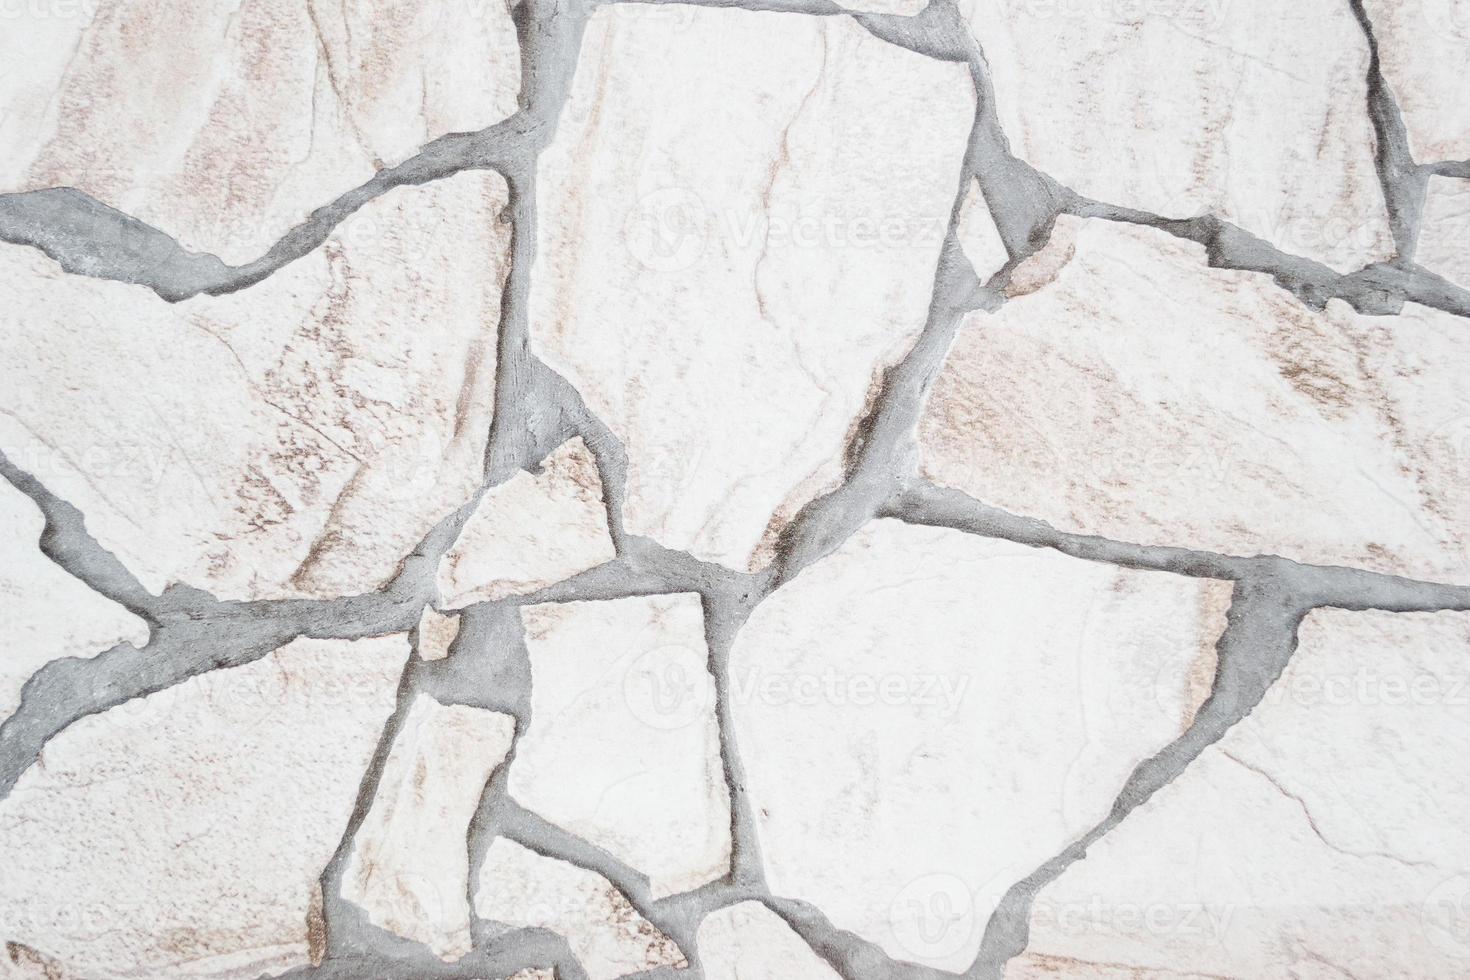 stenar bakgrund på nära håll foto